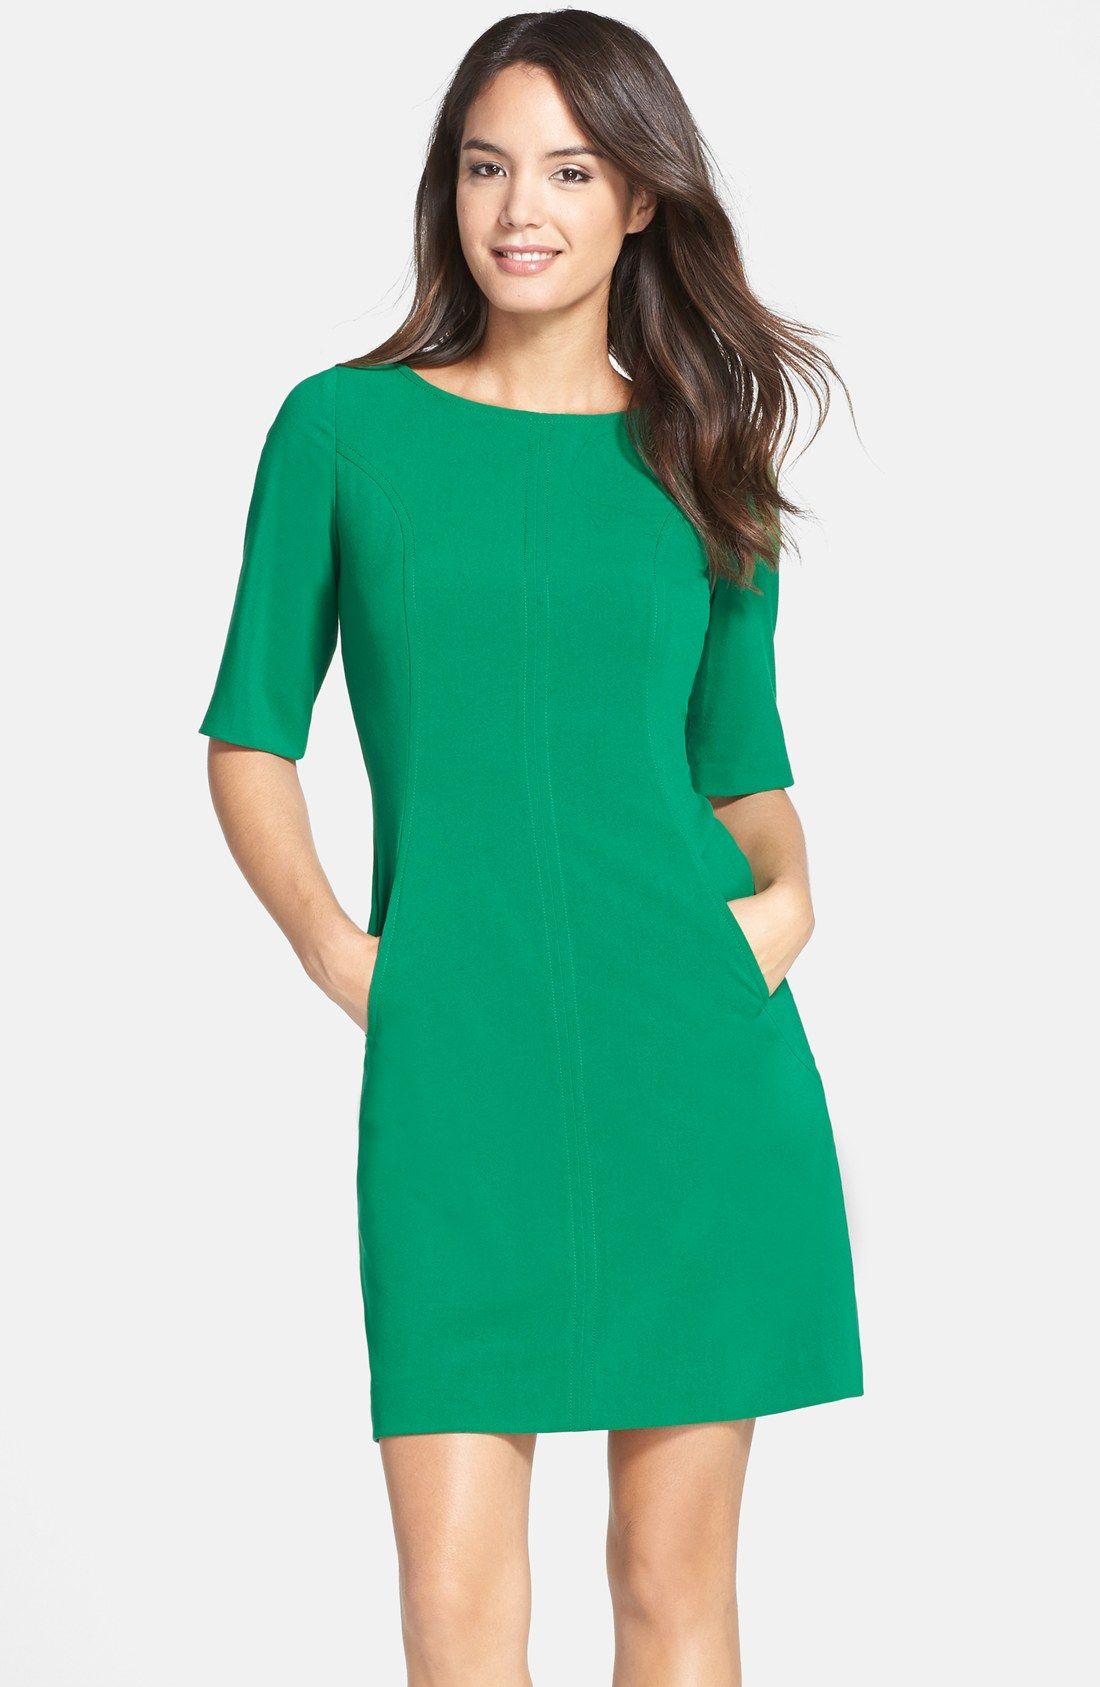 633350880d0 t tahari plus size dresses 0p